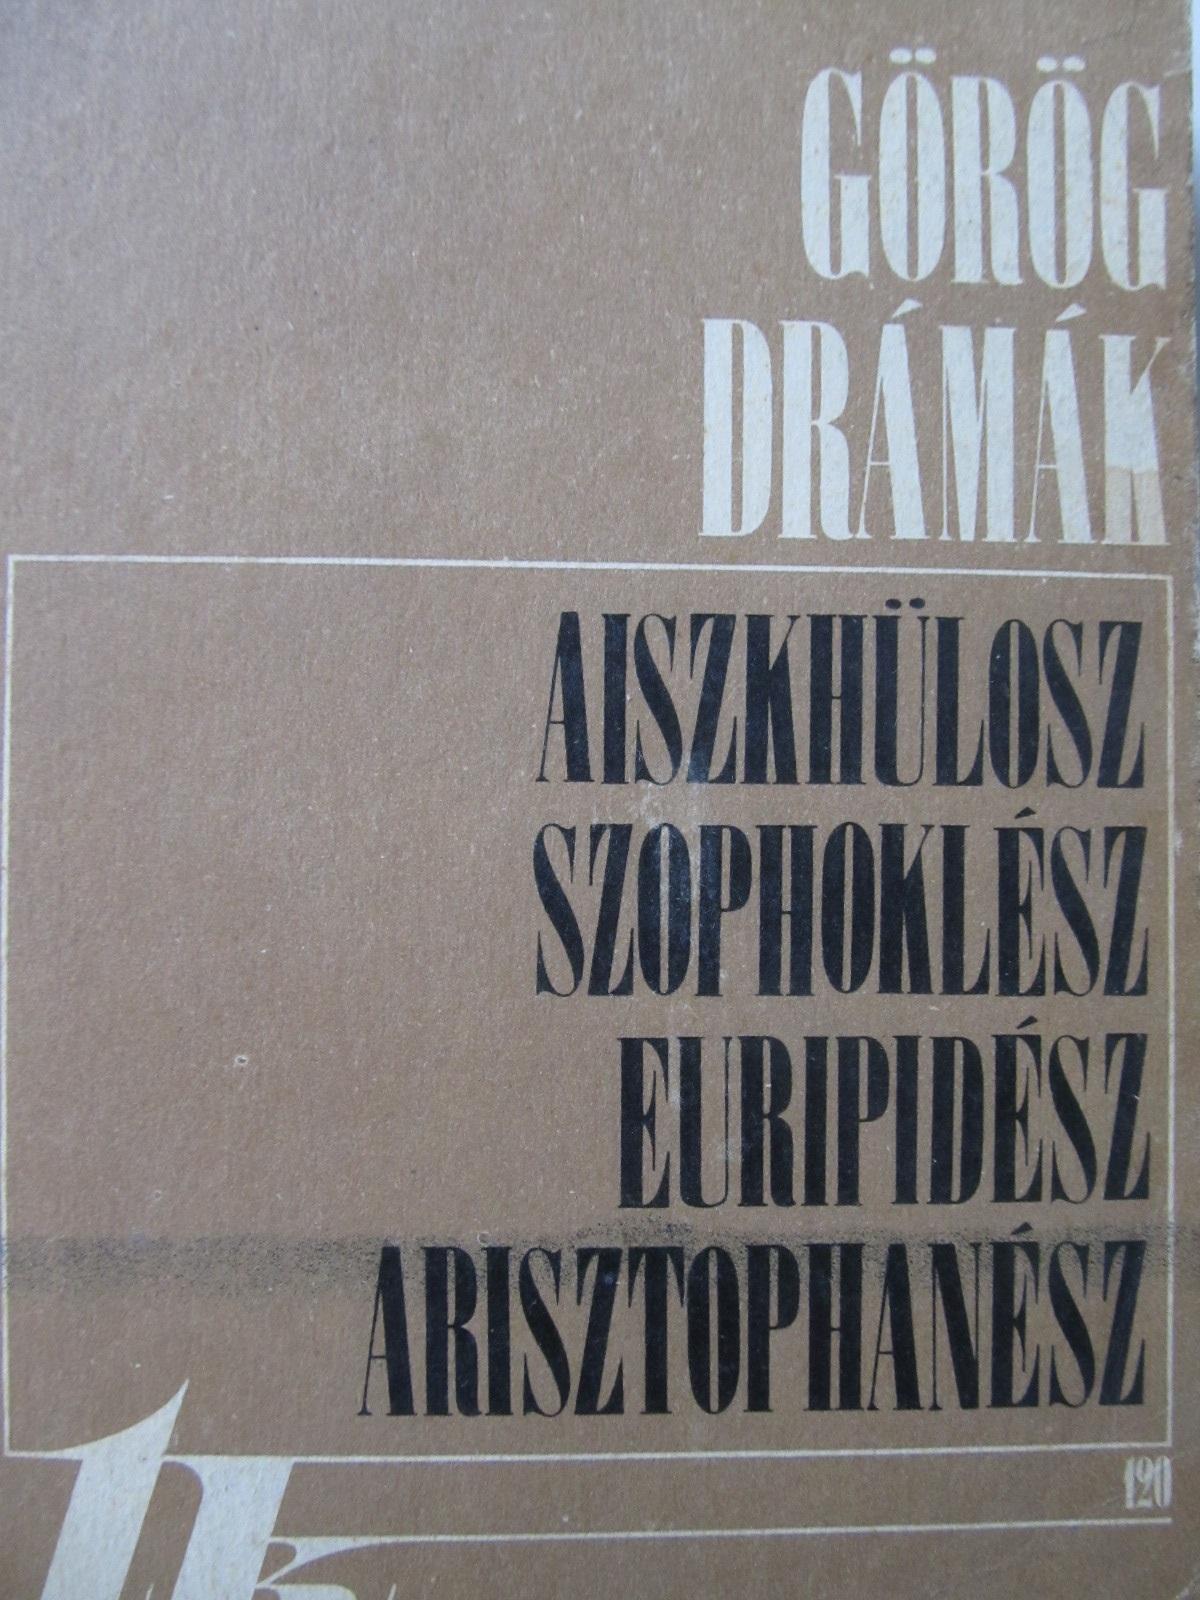 Gorog dramak - Aiszkhulosz , Szophoklesz , Euripidesz , Arisztophanesz | Detalii carte